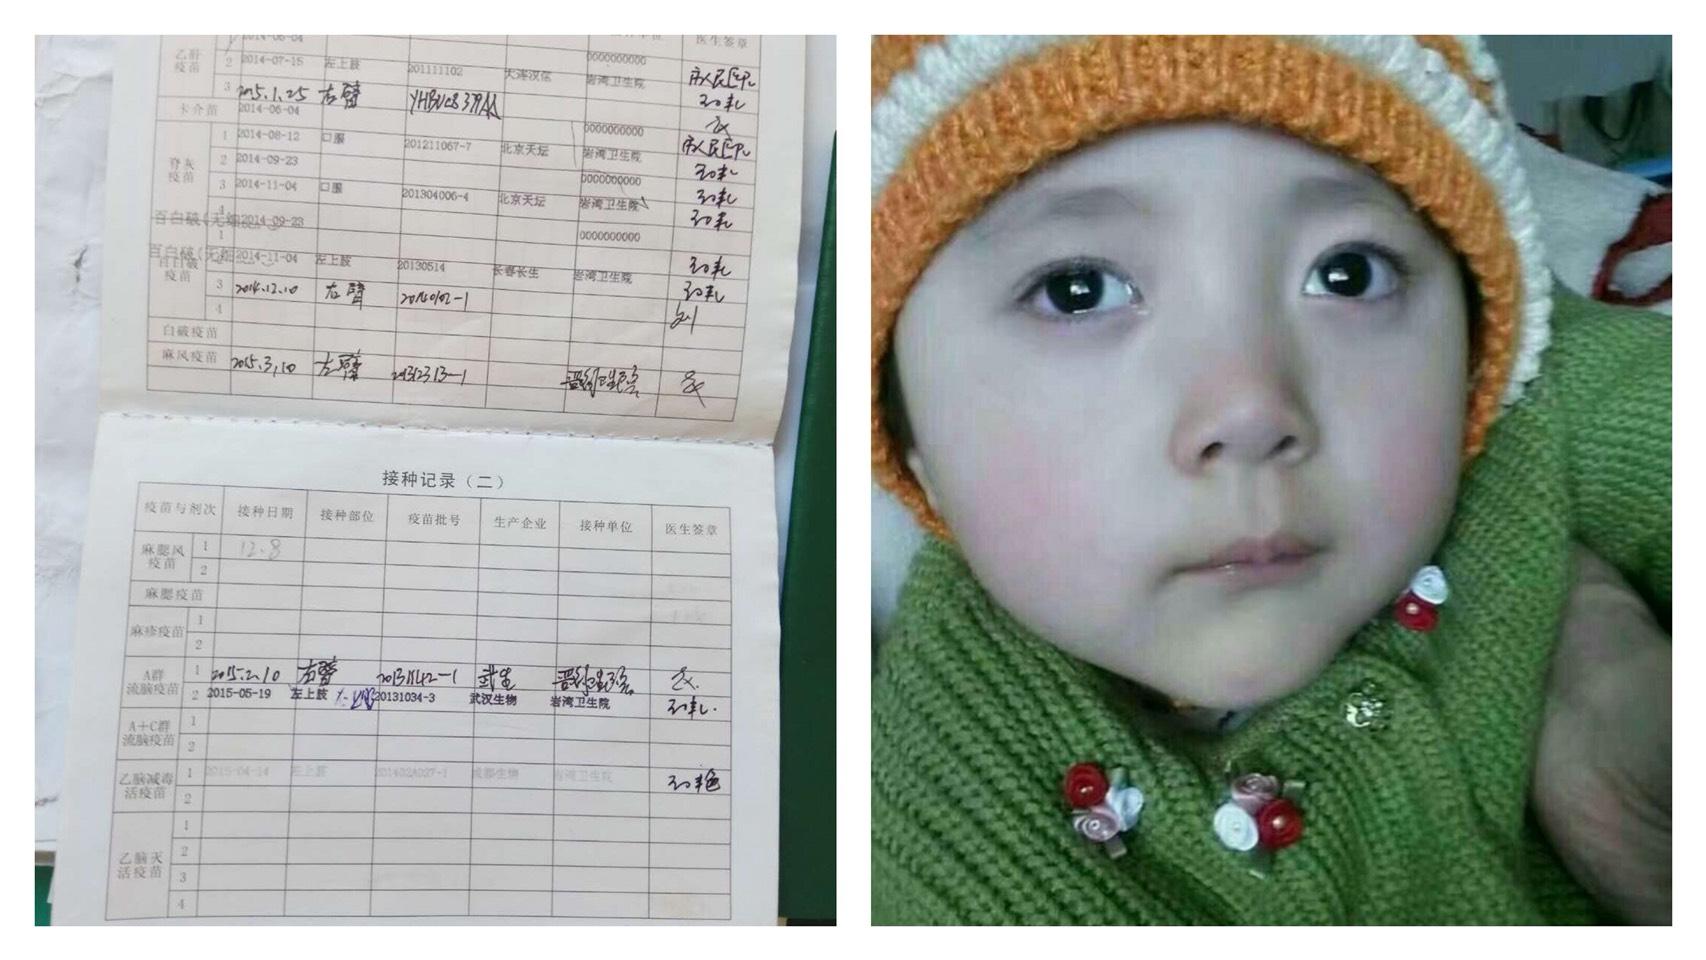 陝西省寶雞市四歲女童雷鑫睿,2015年5月19日施打武漢生物疫苗後發病,現在四肢癱瘓、意識喪失,鳳縣政府不提供幫助還恐嚇家長進京看病就拘留。(大紀元合成/受訪者提供)